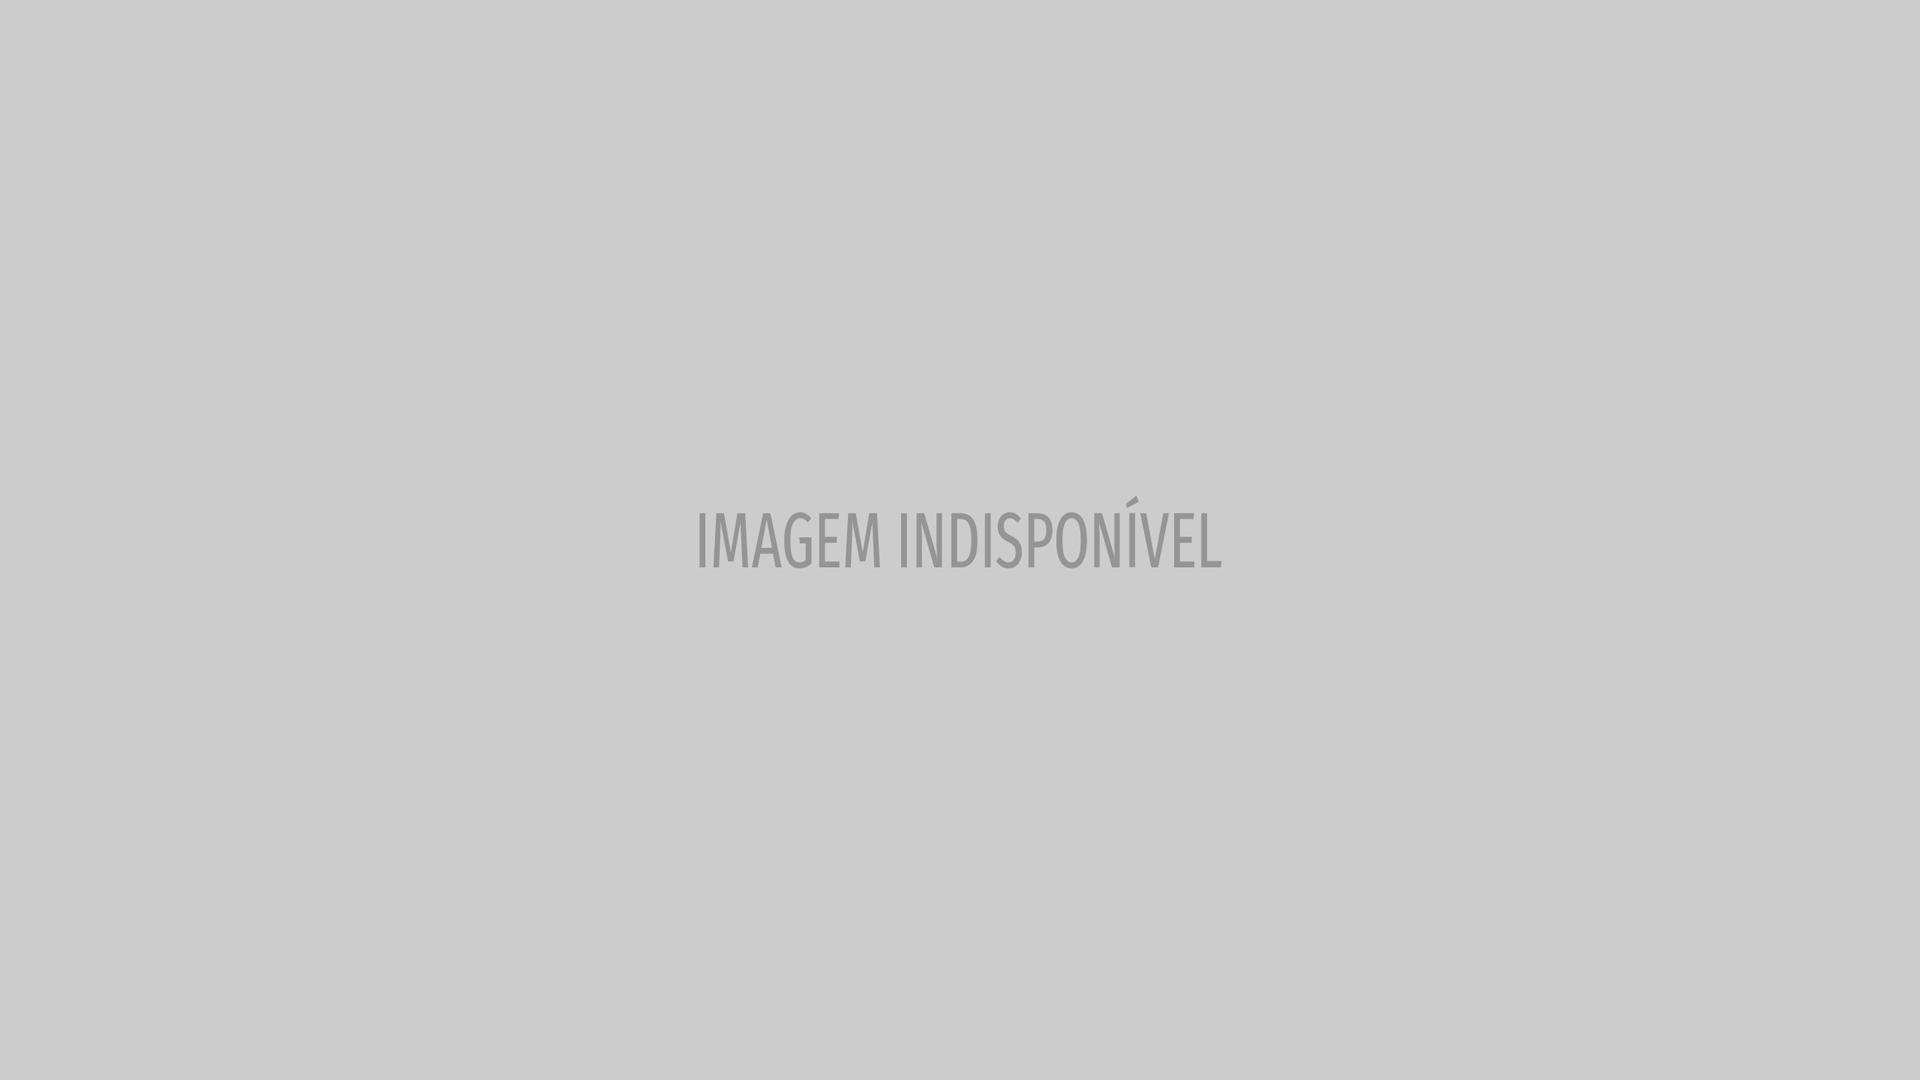 Luisa Mell revela ameaça de morte: 'Estão querendo me linchar'